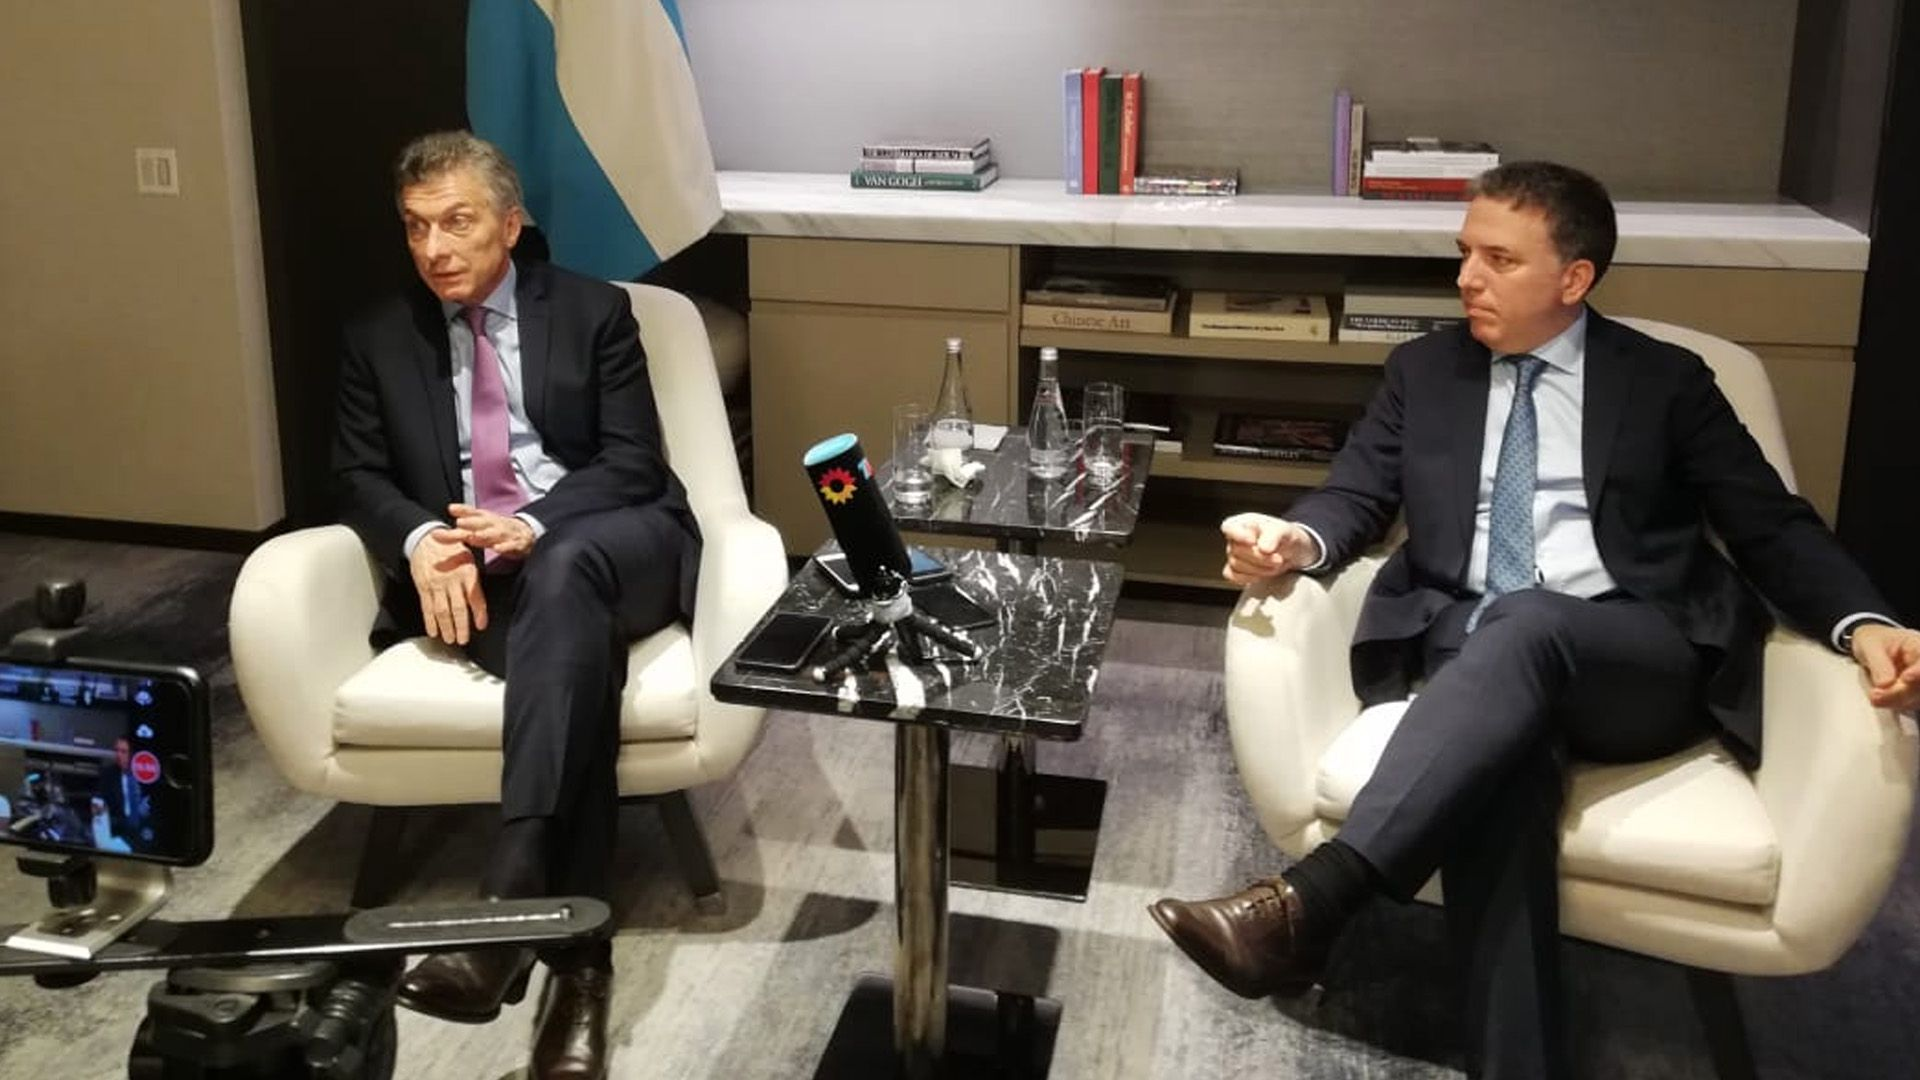 El presidente Macri junto a Nicolás Dujovne, su actual ministro de Hacienda que prepara un paquete de medidas para seducir a la clase media